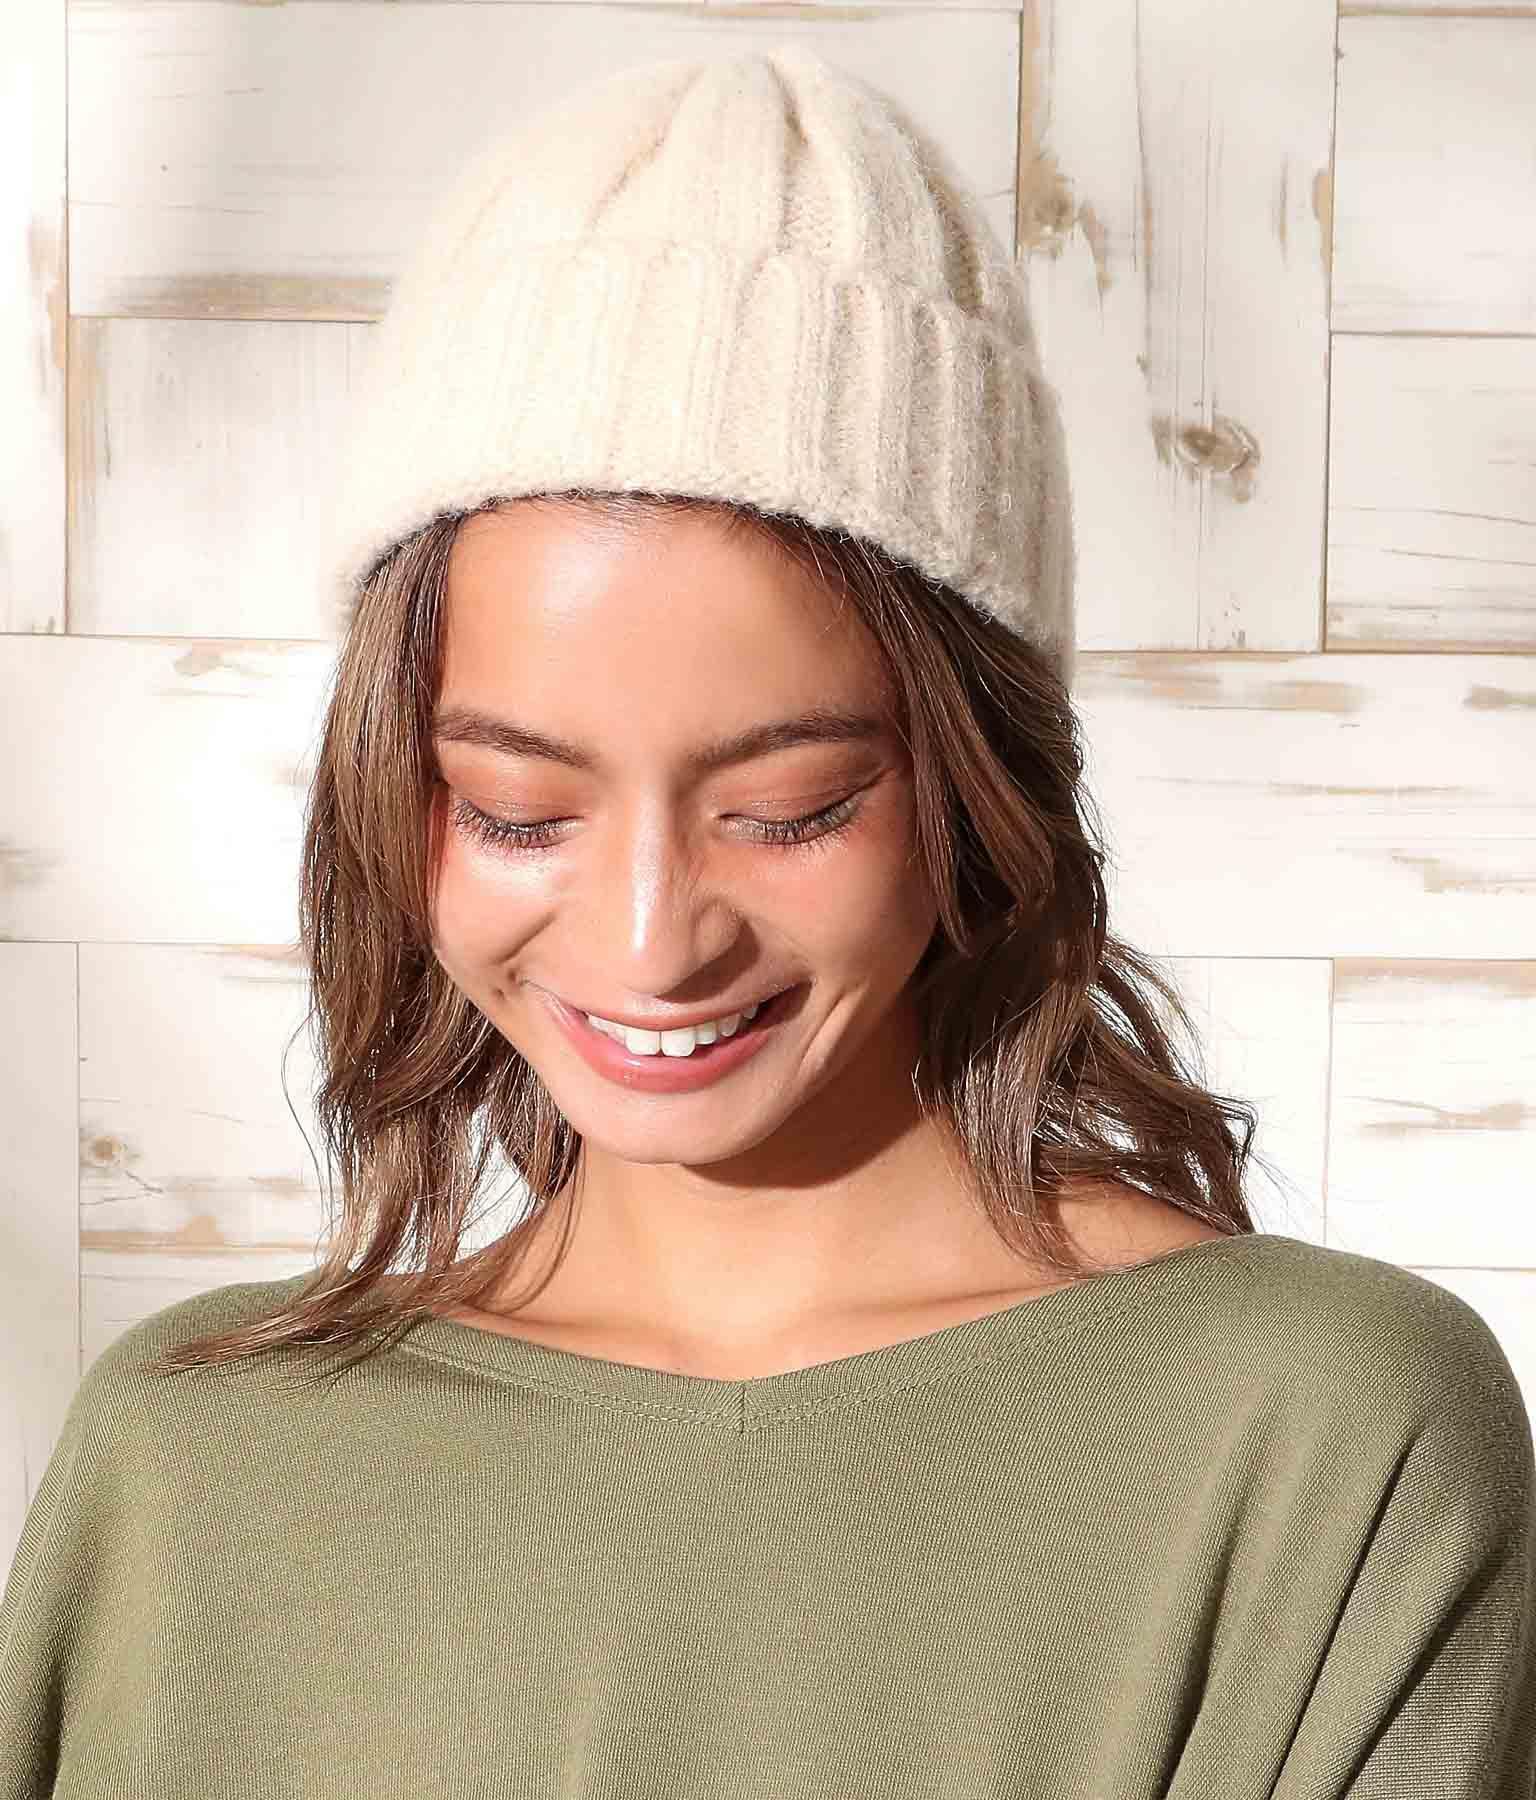 太リブニット帽(ファッション雑貨/ハット・キャップ・ニット帽 ・キャスケット・ベレー帽) | anap mimpi